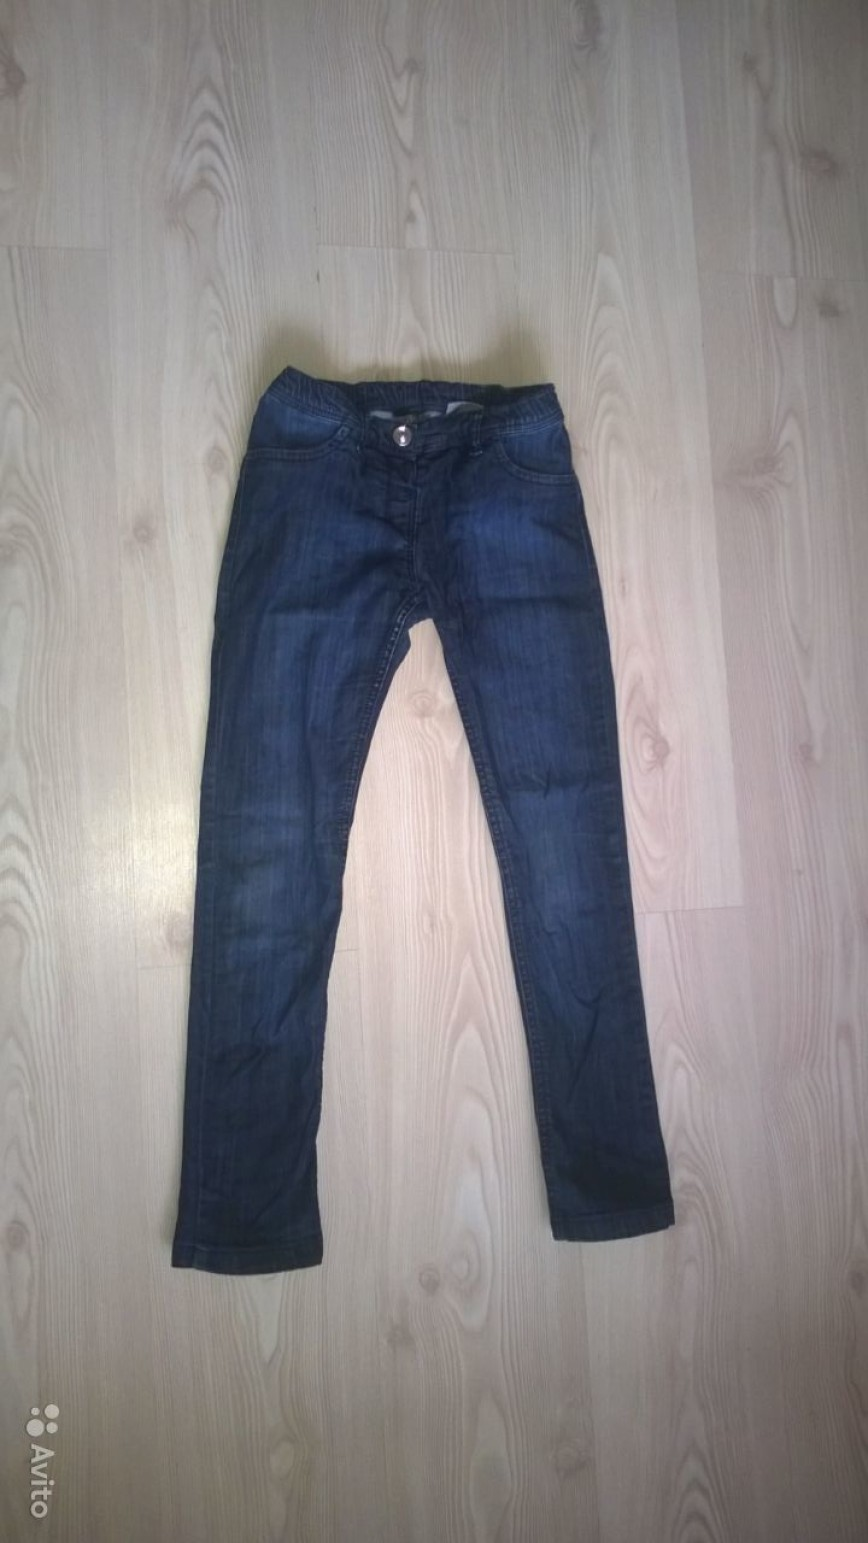 джинсы легкие, размер 140, 500 руб